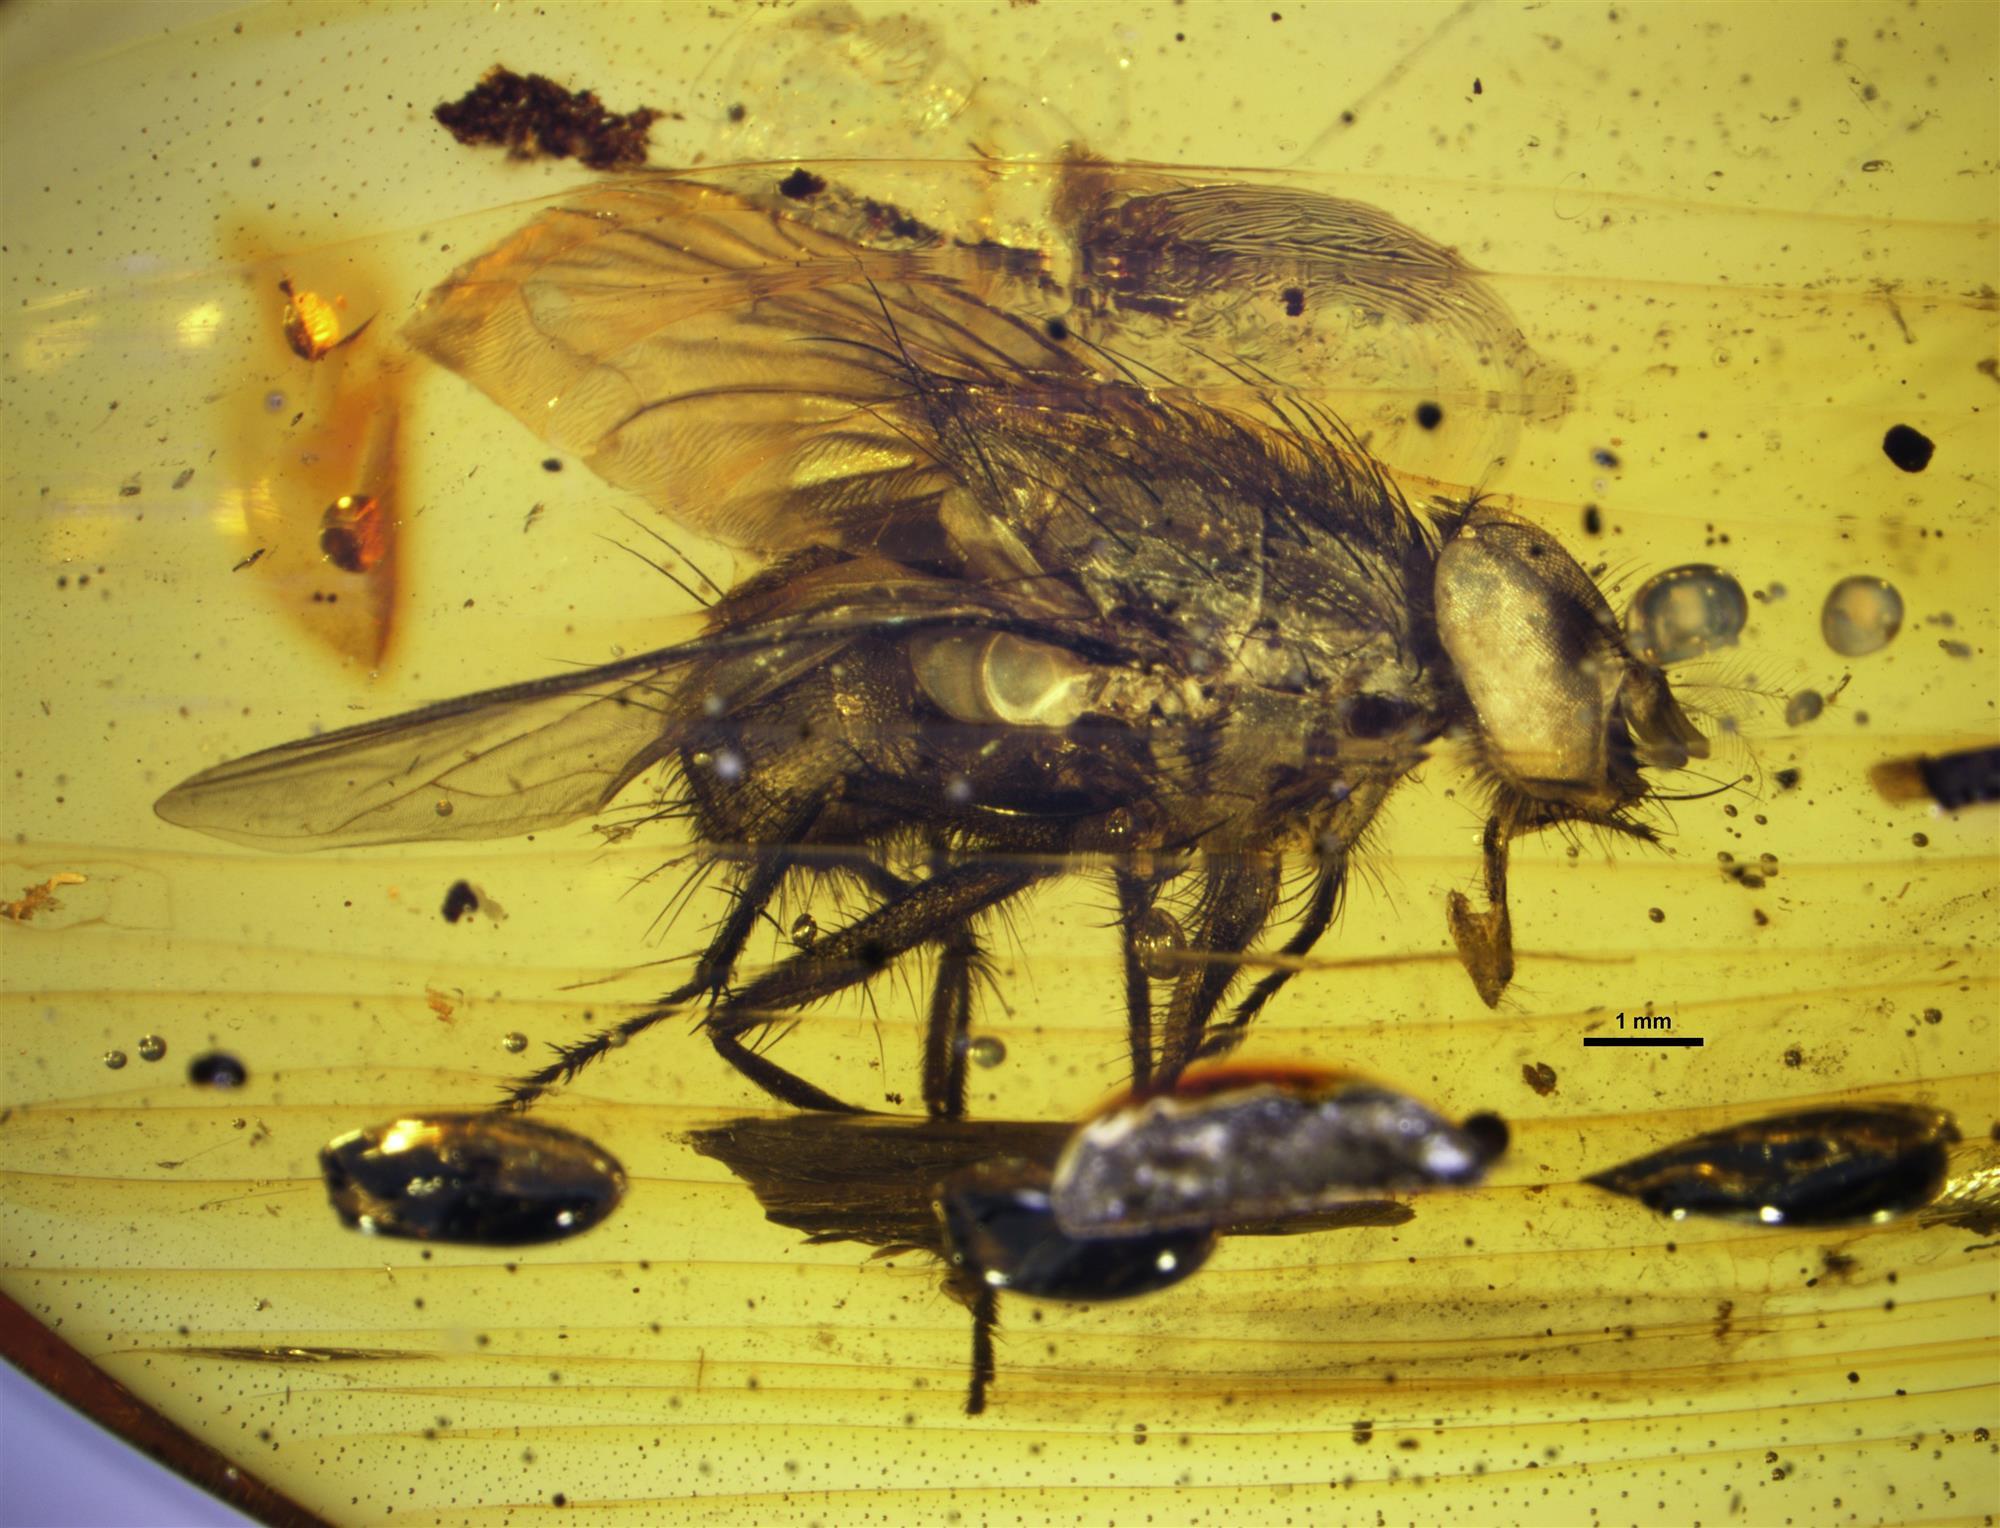 Una mosca perfectamente conservada en ámbar de la República Dominicana